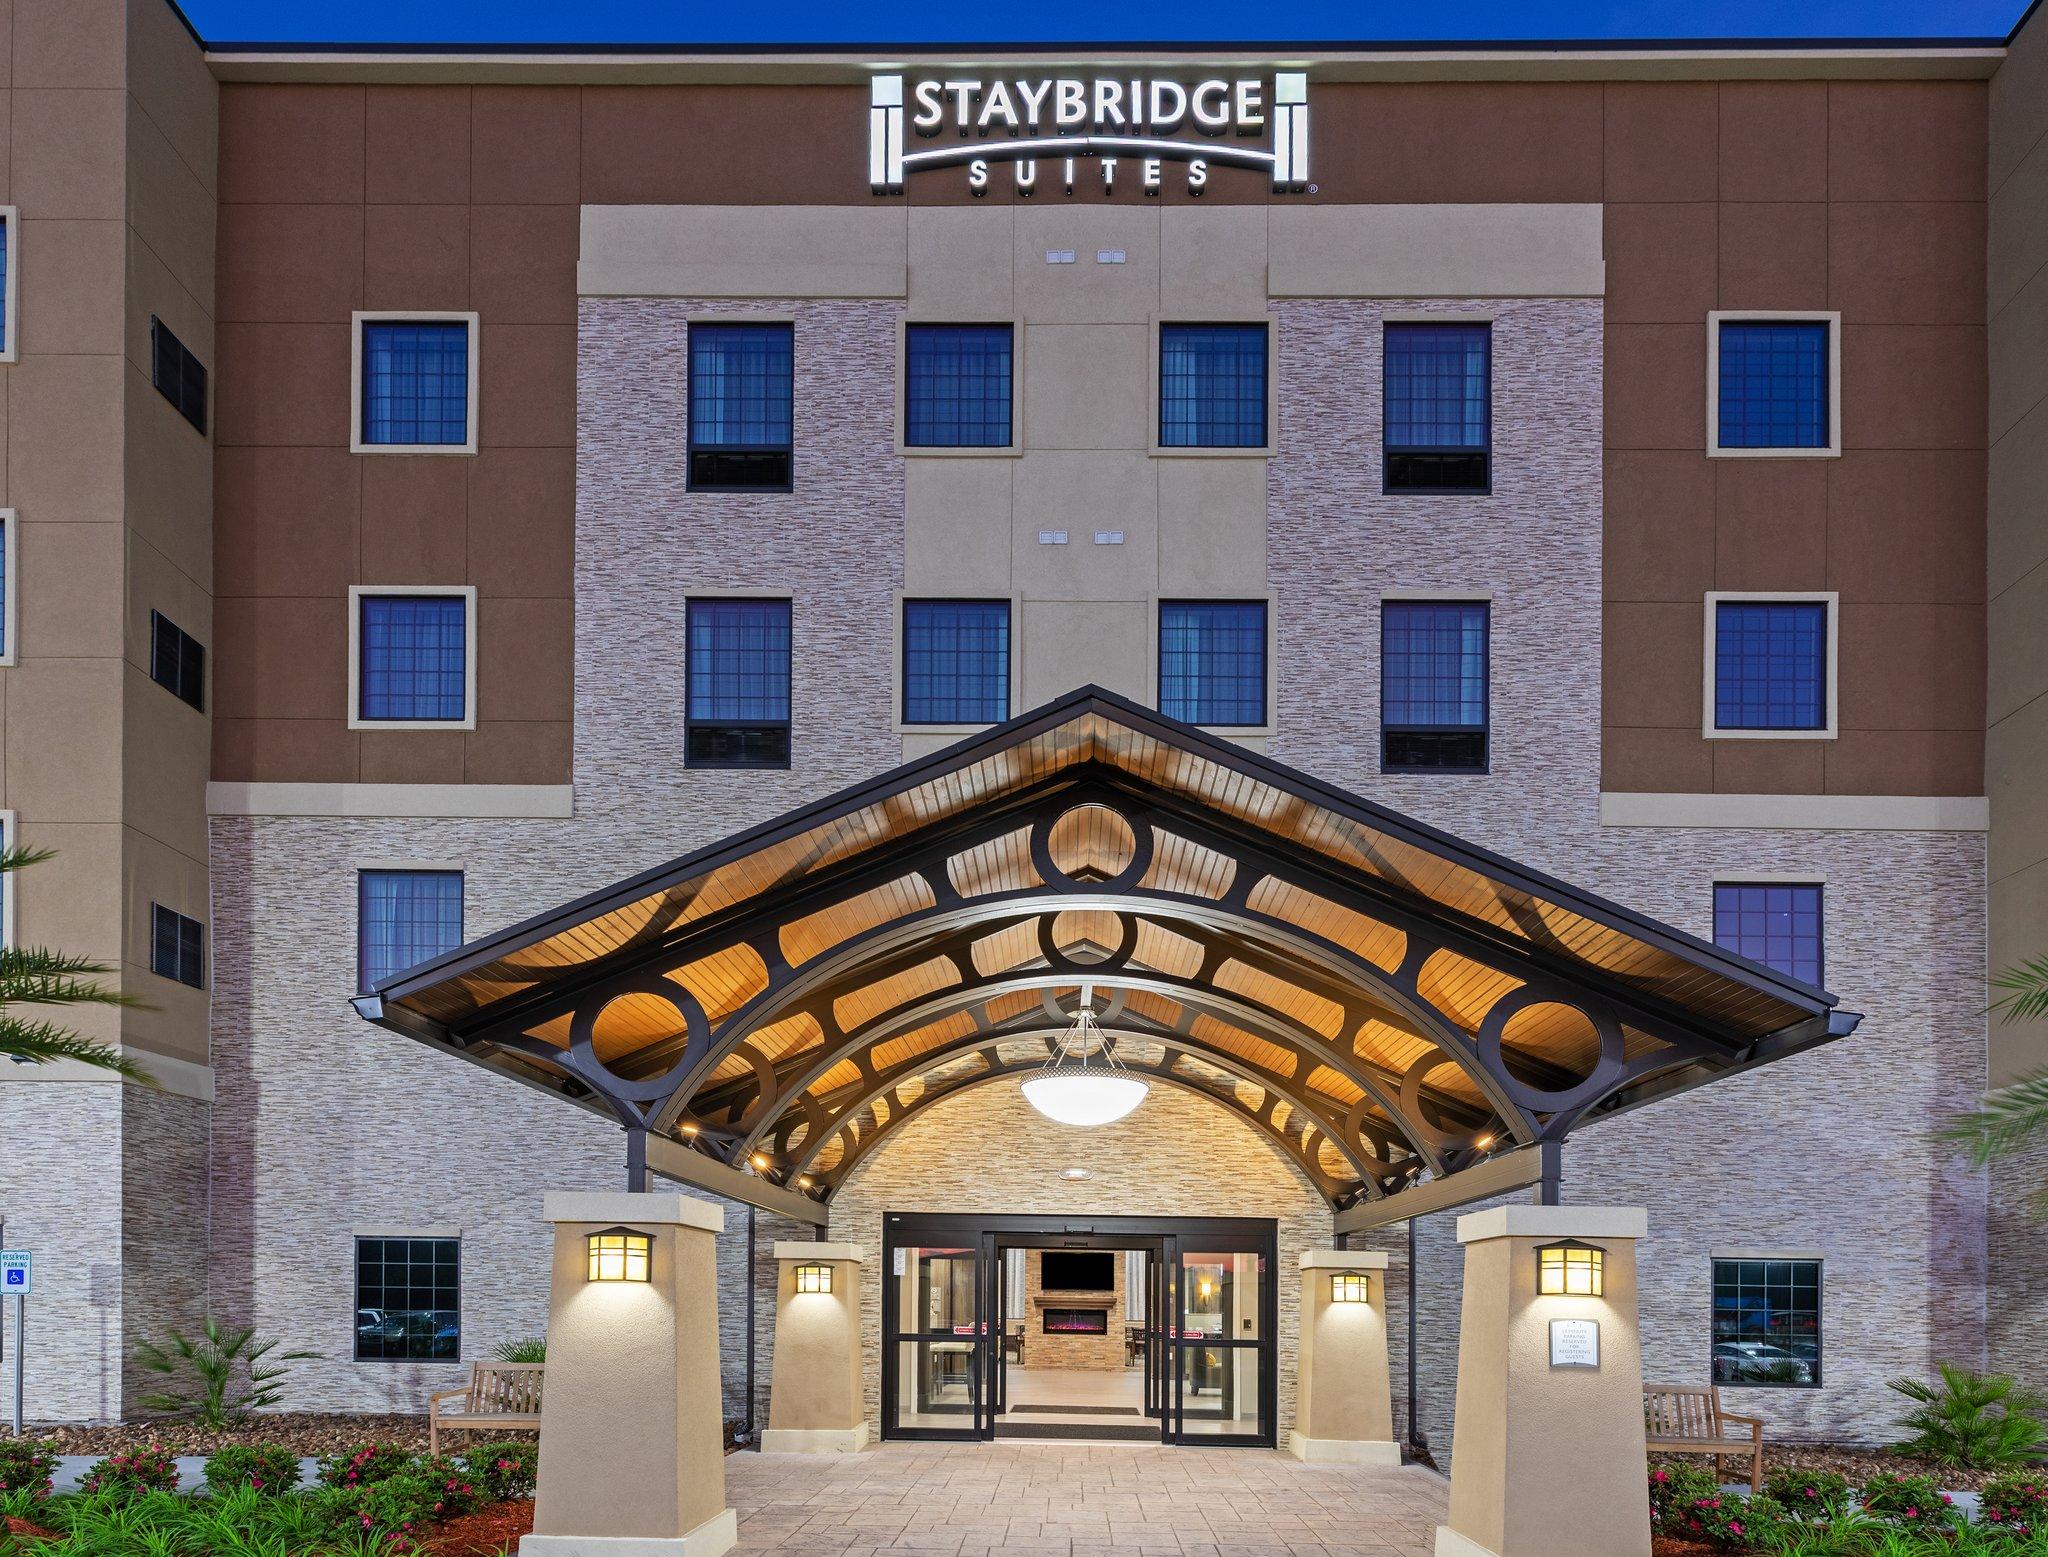 Staybridge Suites IAH Airport East